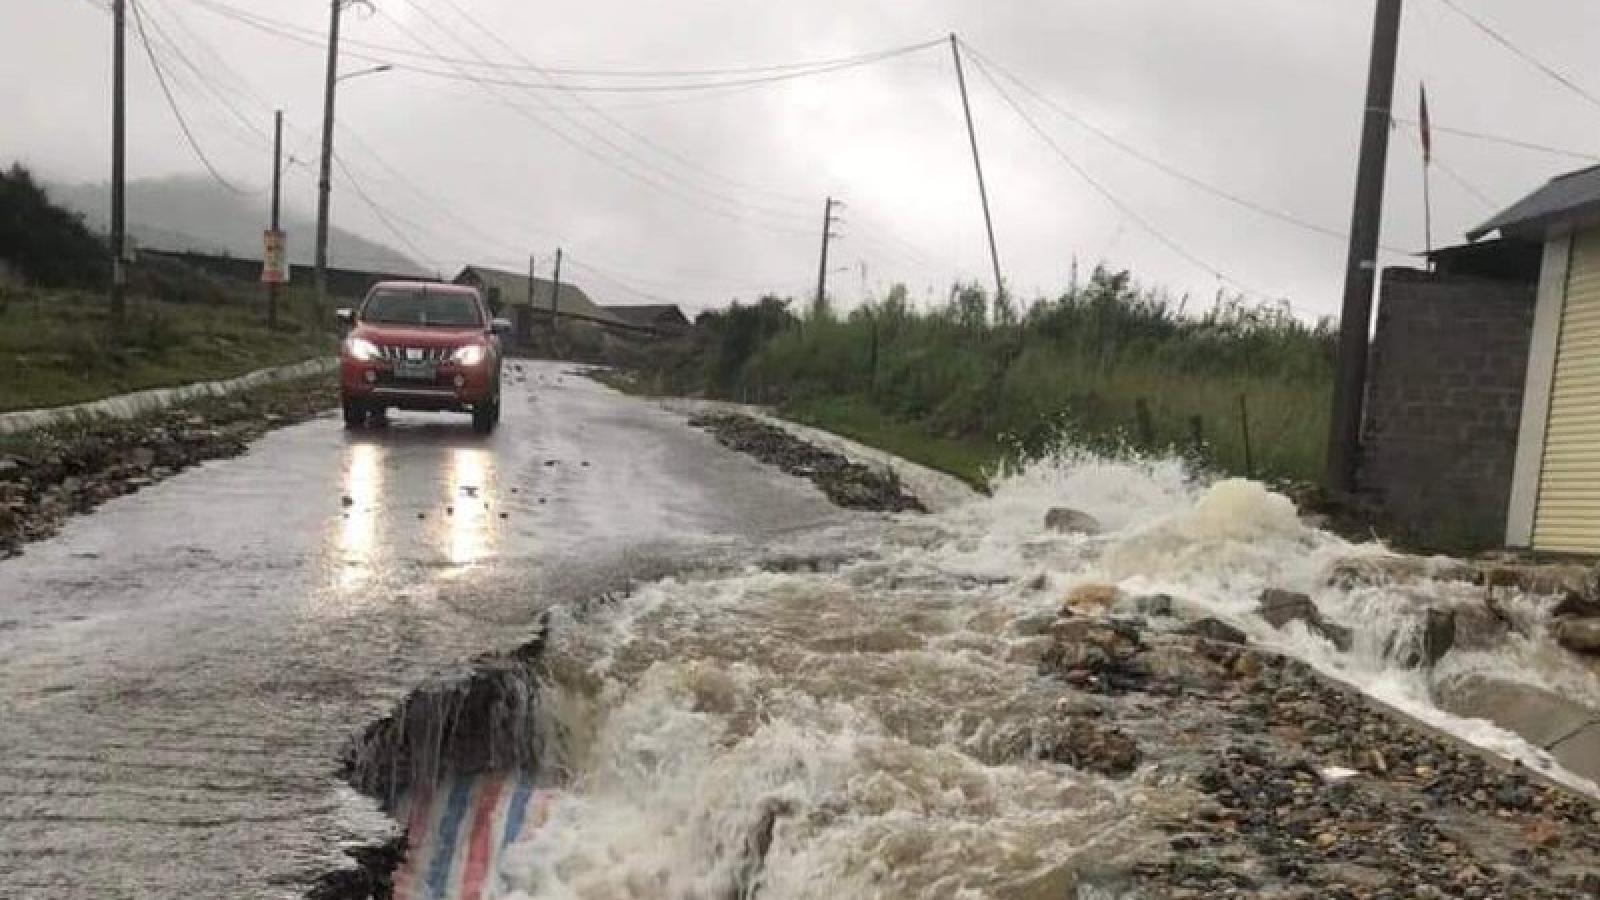 Lai Châu mưa to trên diện rộng, nguy cơ lũ quét, sạt lở đất ở nhiều nơi